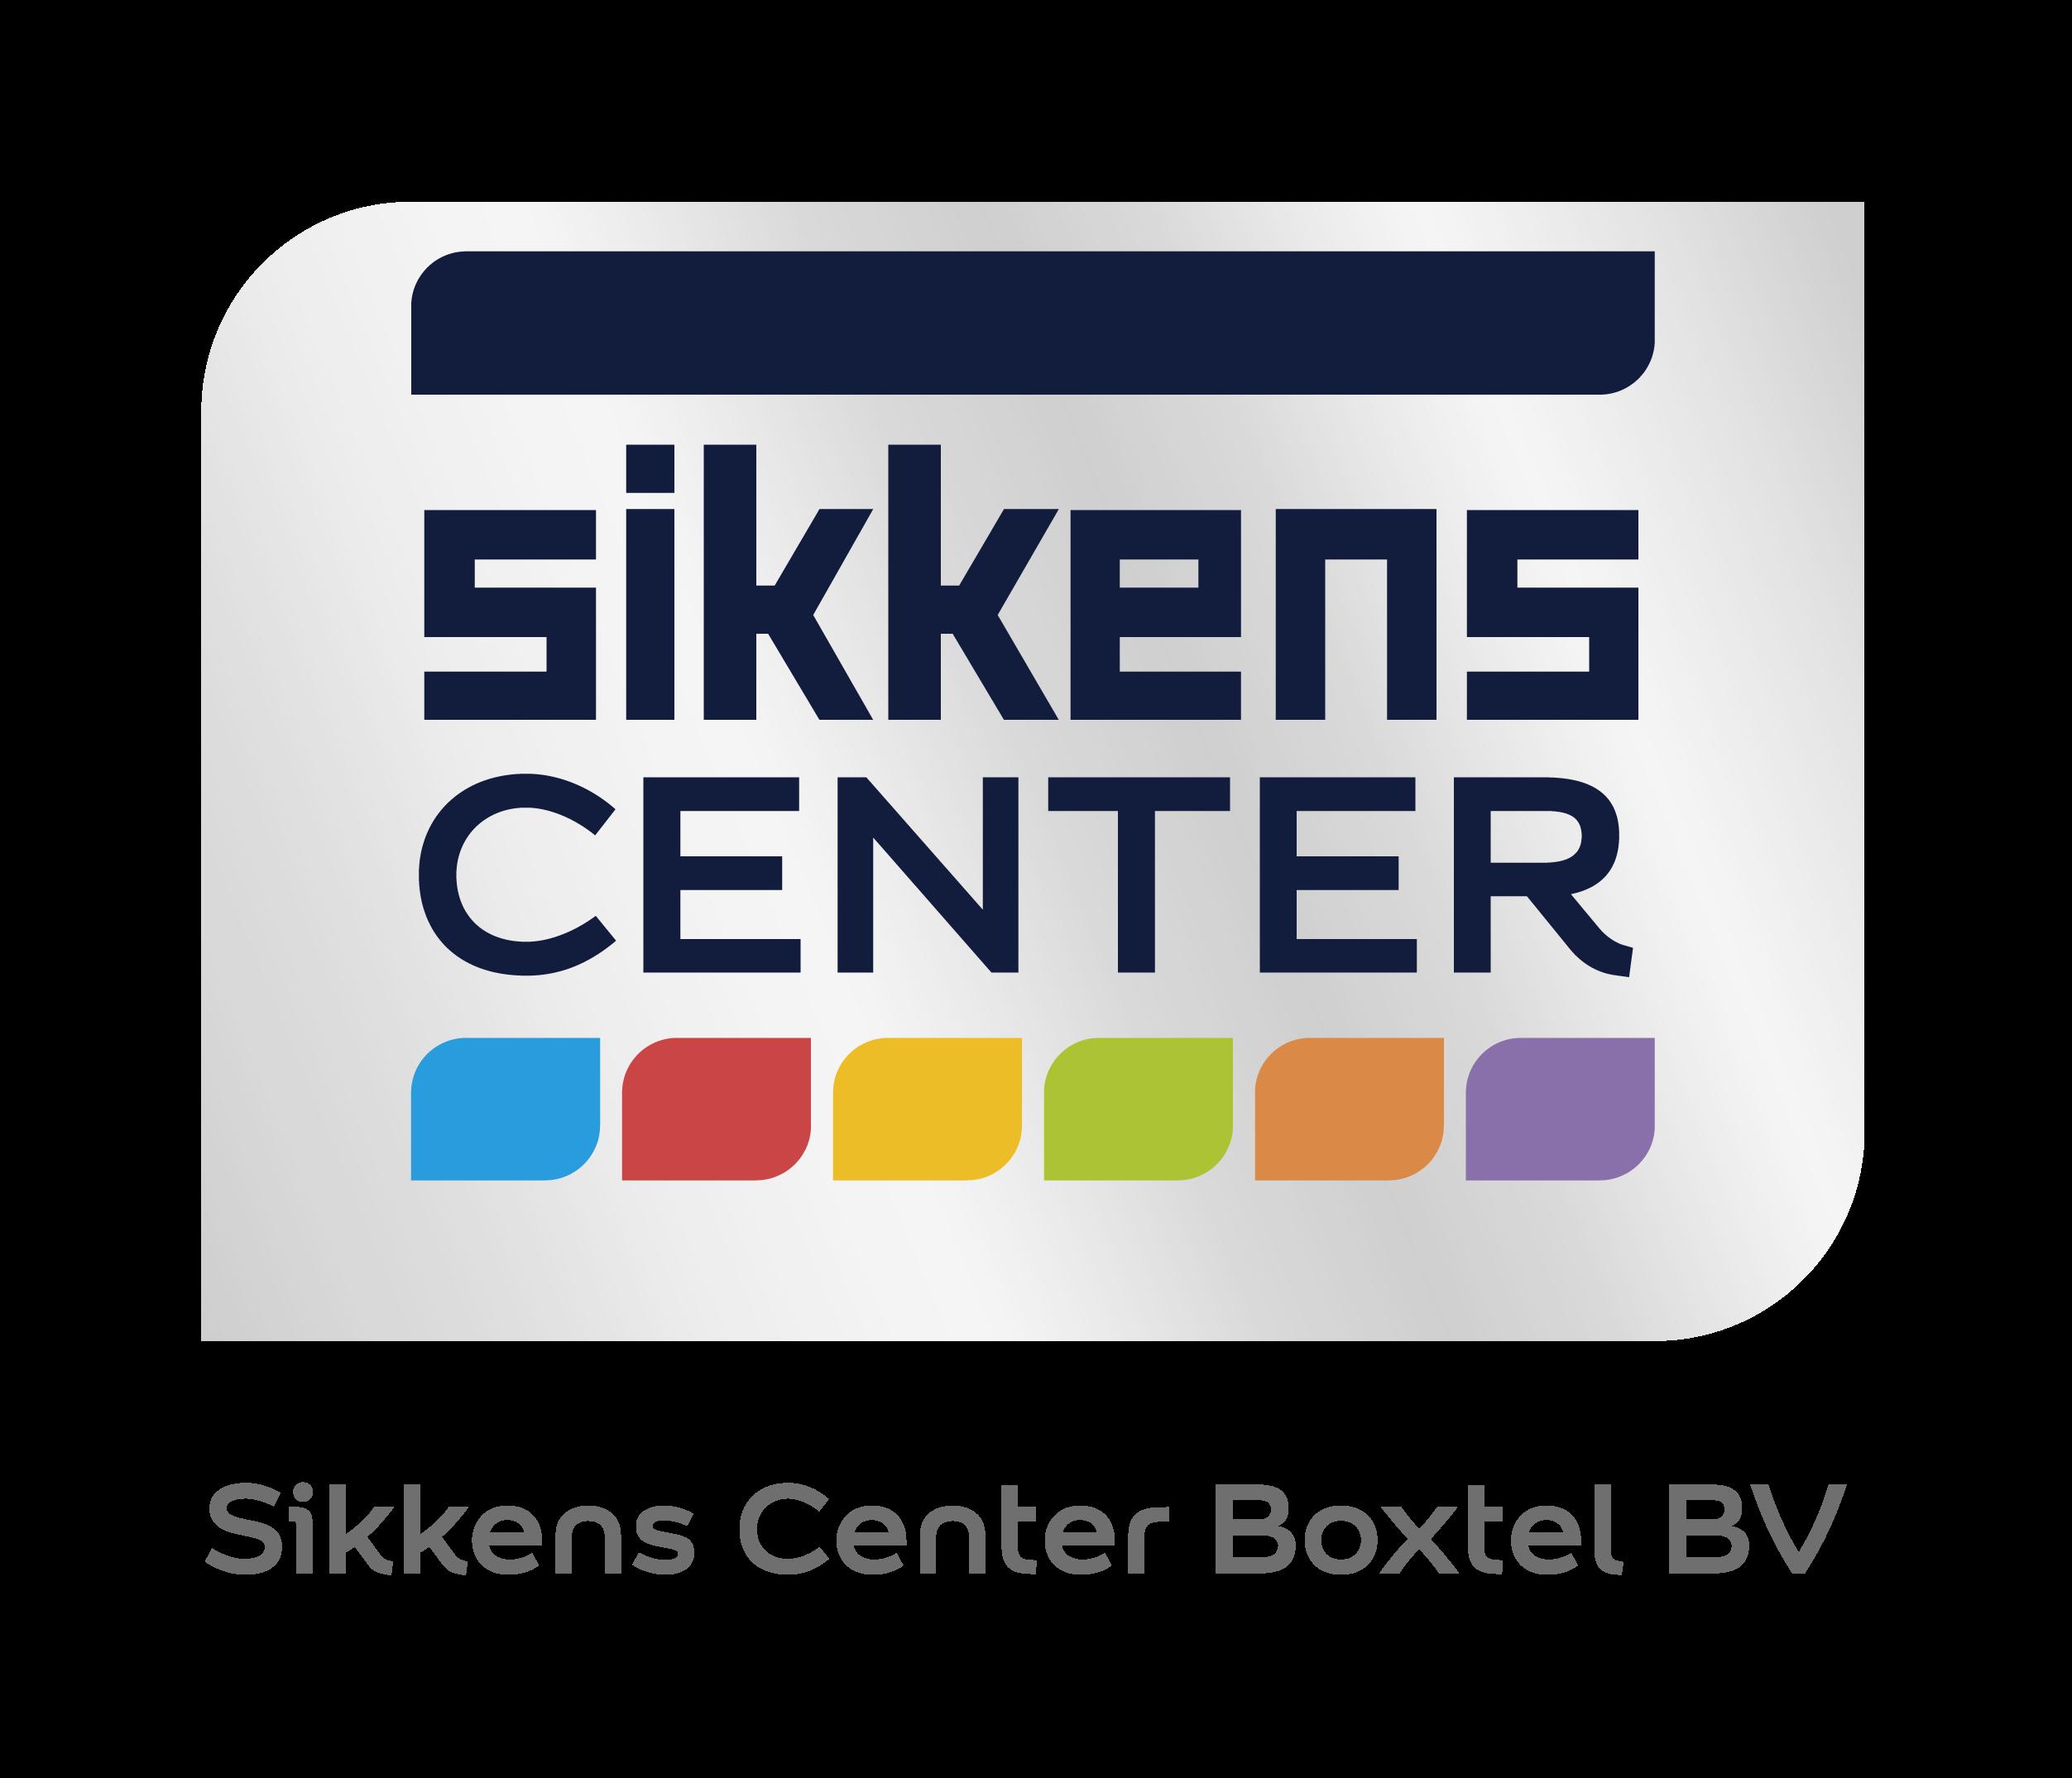 Sikkens Center Boxtel